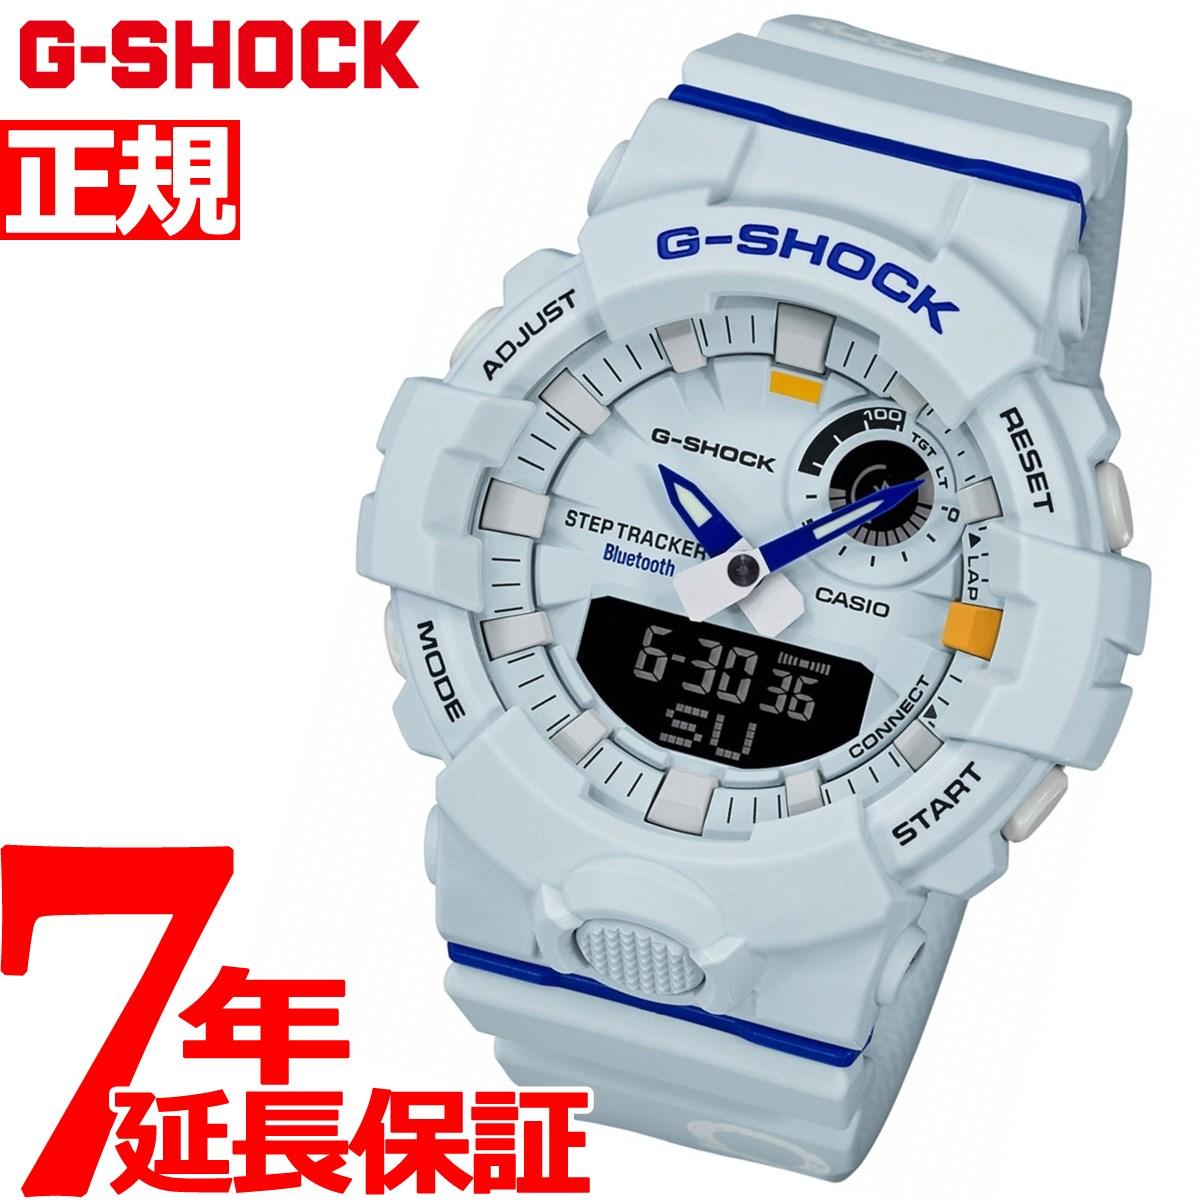 G-SHOCK G-SQUAD カシオ Gショック ジースクワッド CASIO 腕時計 メンズ DAGGER 3 COLOR GBA-800DG-7AJF【2018 新作】